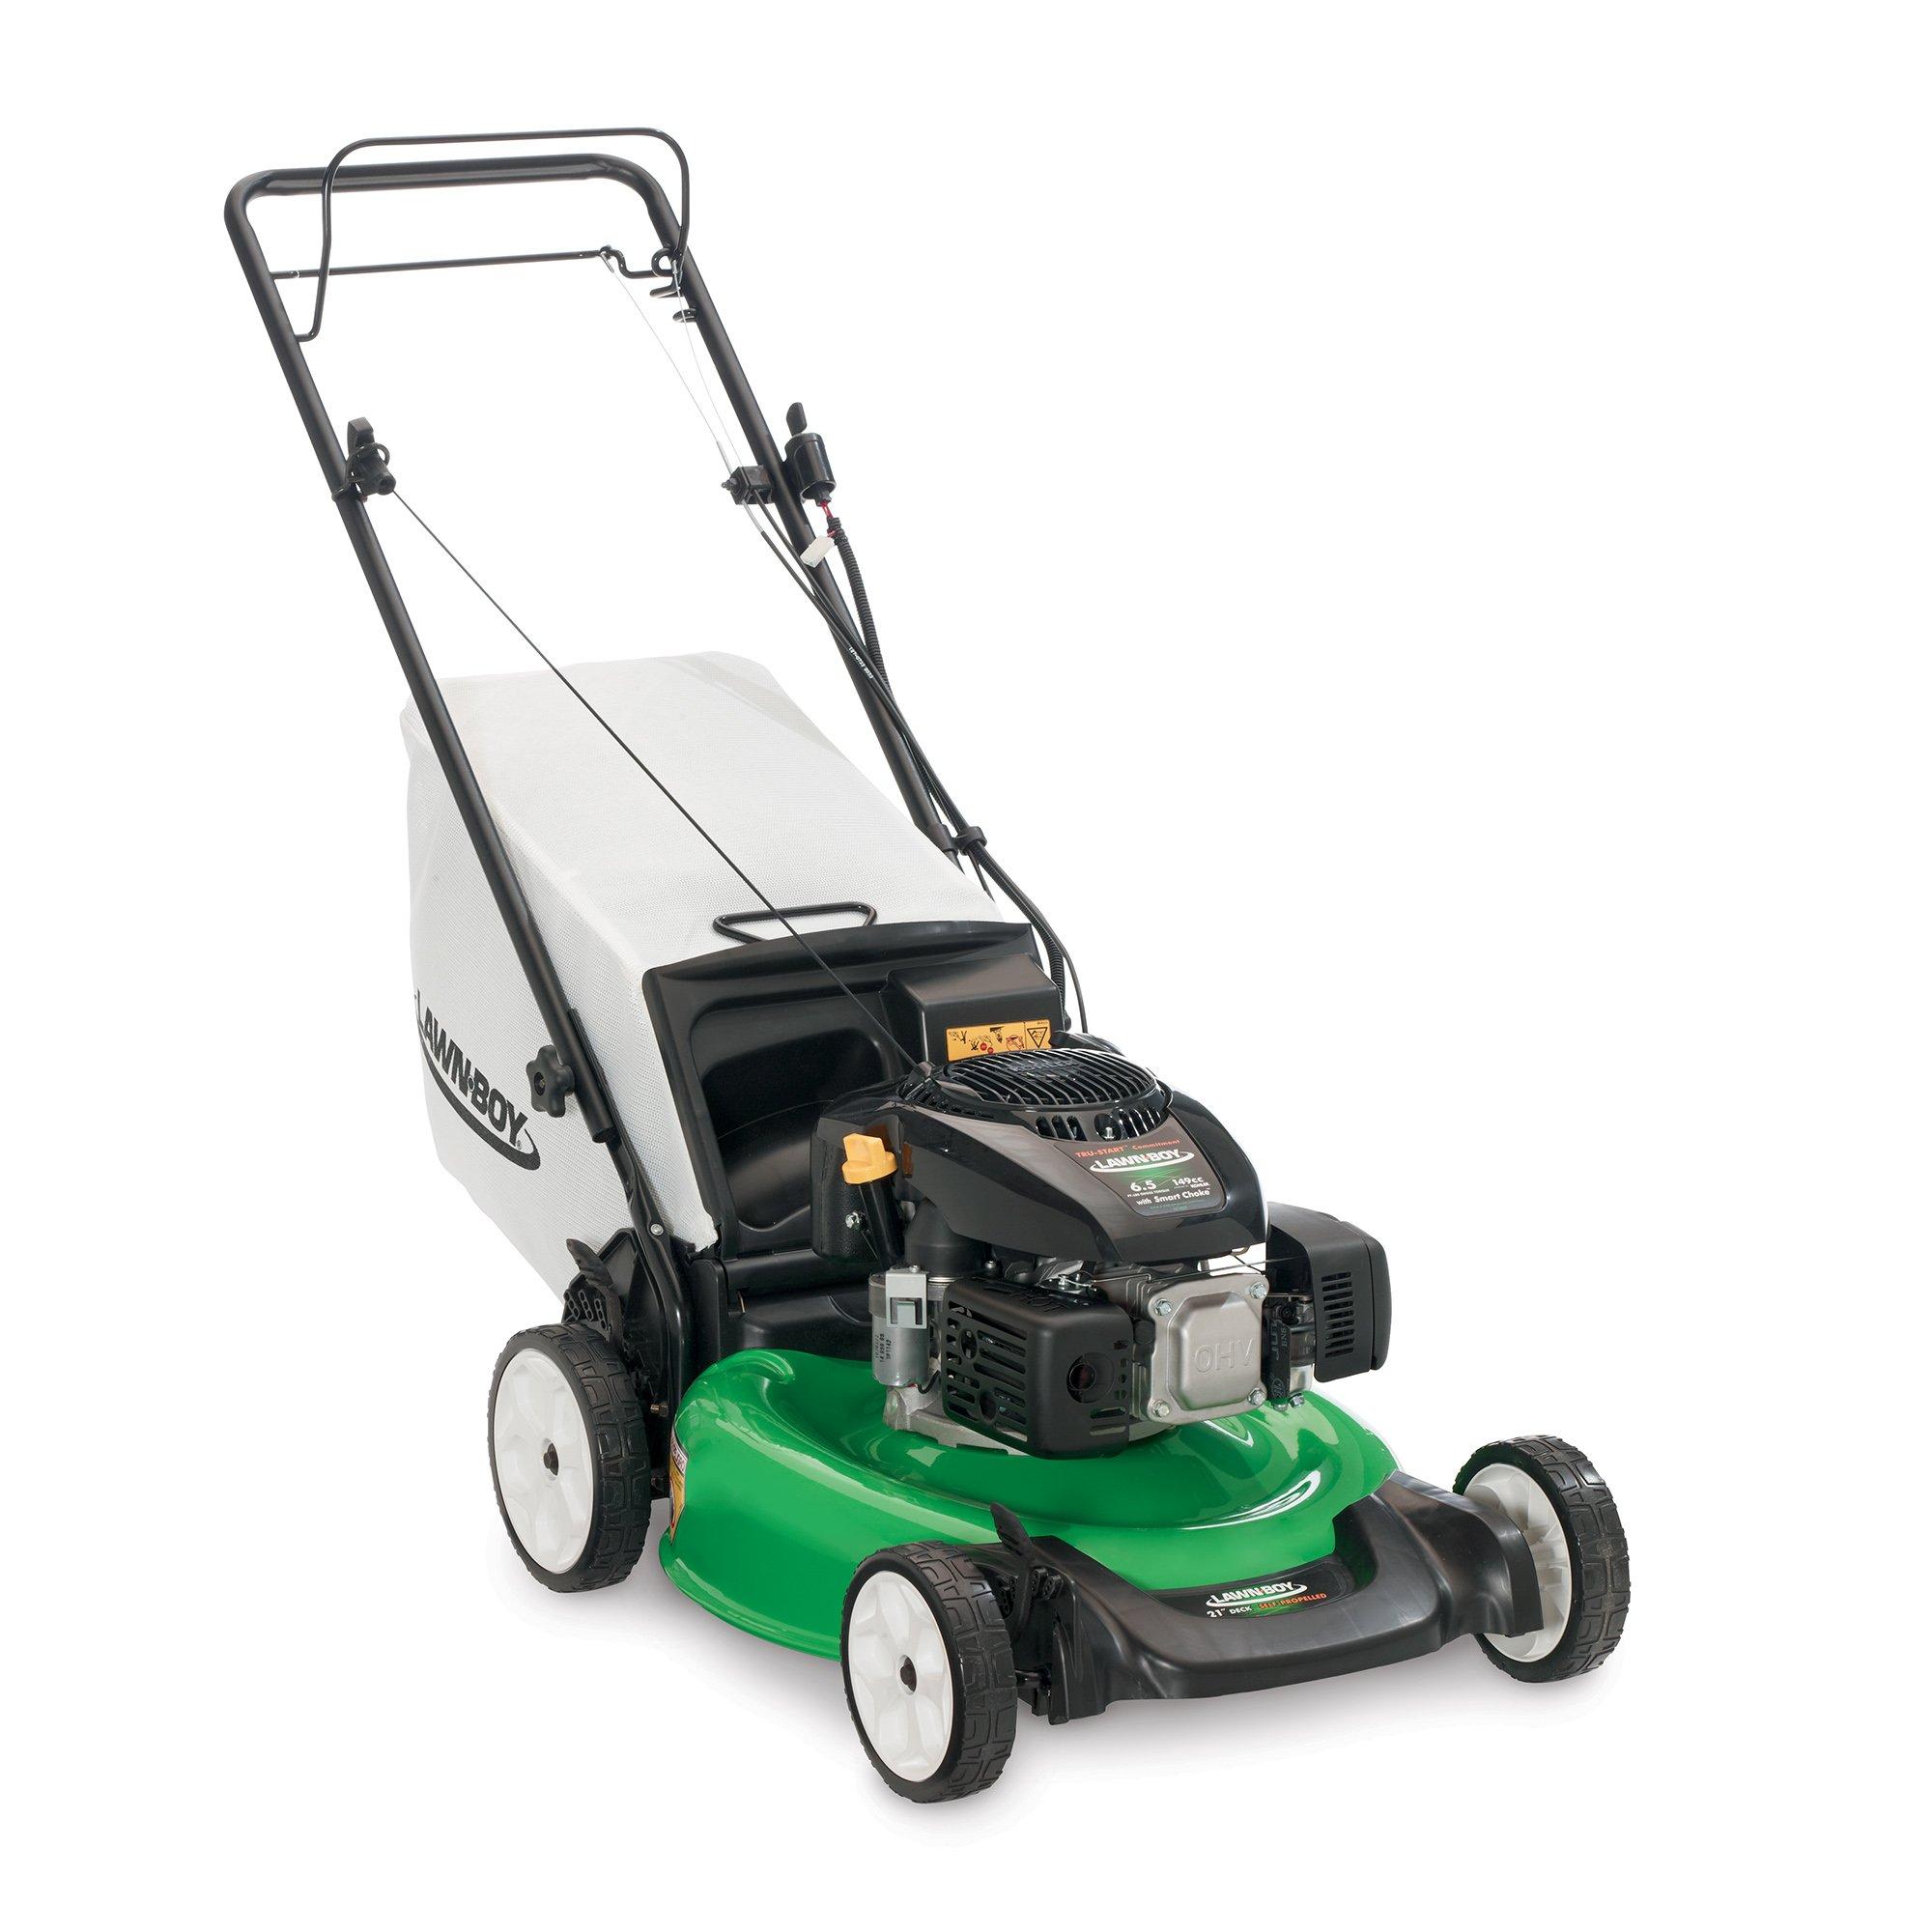 Lawn-Boy 17734 21-Inch 6.5 Gross Torque Kohler Electric Start XTX OHV, 3-in-1 Discharge Self Propelled Lawn Mower by Lawn-Boy